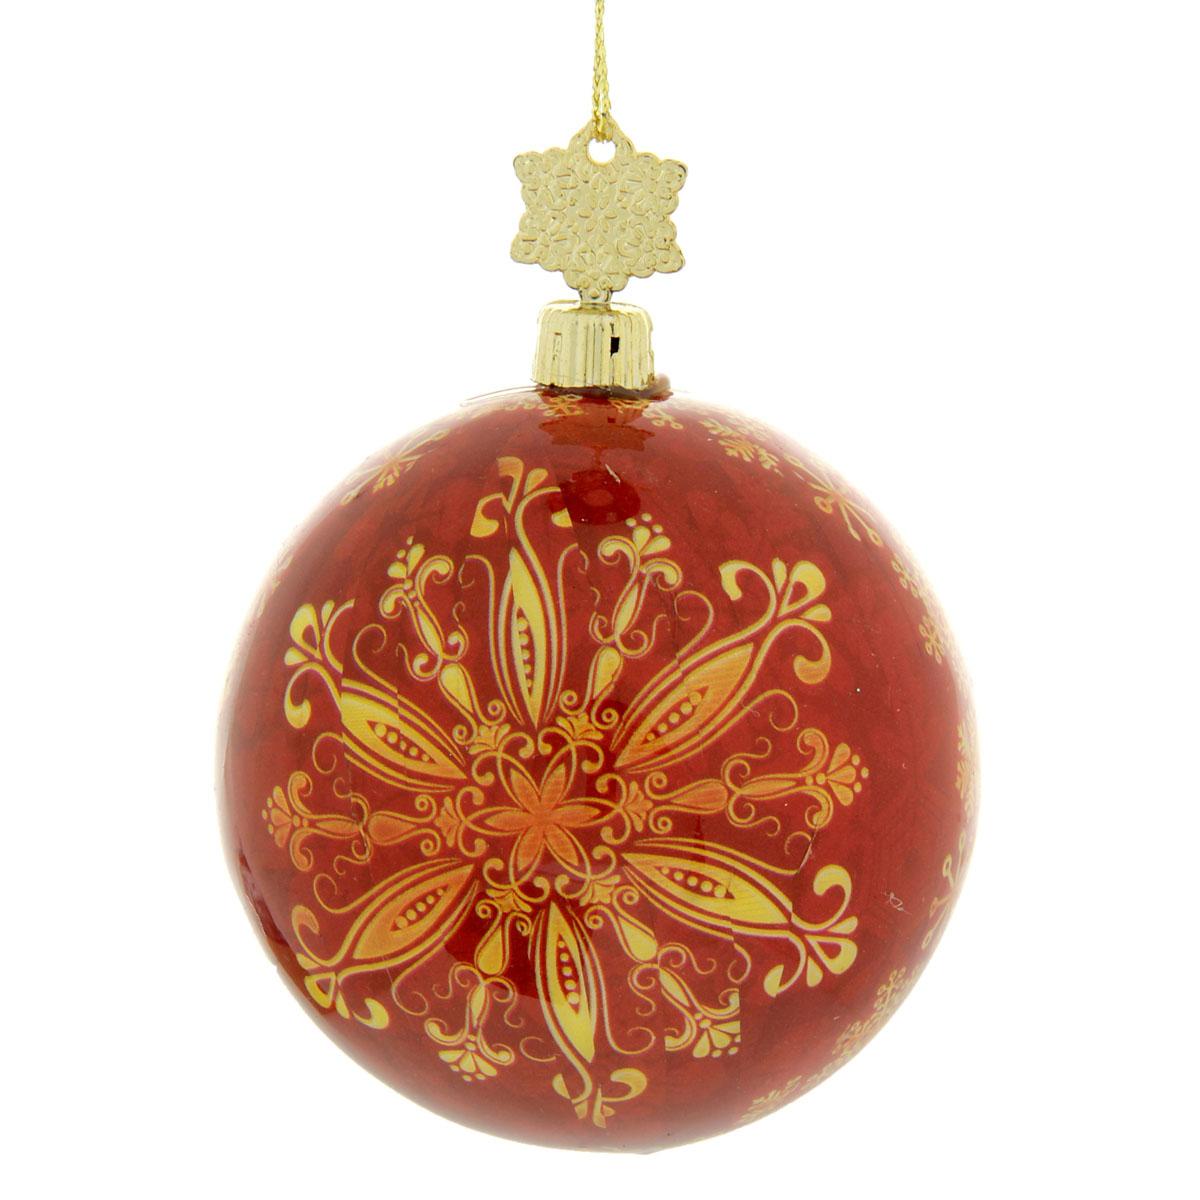 Новогоднее подвесное украшение Sima-land Шар, диаметр 8 см. 279339NLED-454-9W-BKНовогоднее подвесное украшение Sima-land выполнено из высококачественного пенопласта в форме шара и покрыто цветной пленкой. Шар декорирован новогодним рисунком. С помощью специальной петельки украшение можно повесить в любом понравившемся вам месте. Но, конечно, удачнее всего такой набор будет смотреться на праздничной елке.Елочная игрушка - символ Нового года. Она несет в себе волшебство и красоту праздника. Создайте в своем доме атмосферу веселья и радости, украшая новогоднюю елку нарядными игрушками, которые будут из года в год накапливать теплоту воспоминаний. Материал: пенопласт, пленка, текстиль.